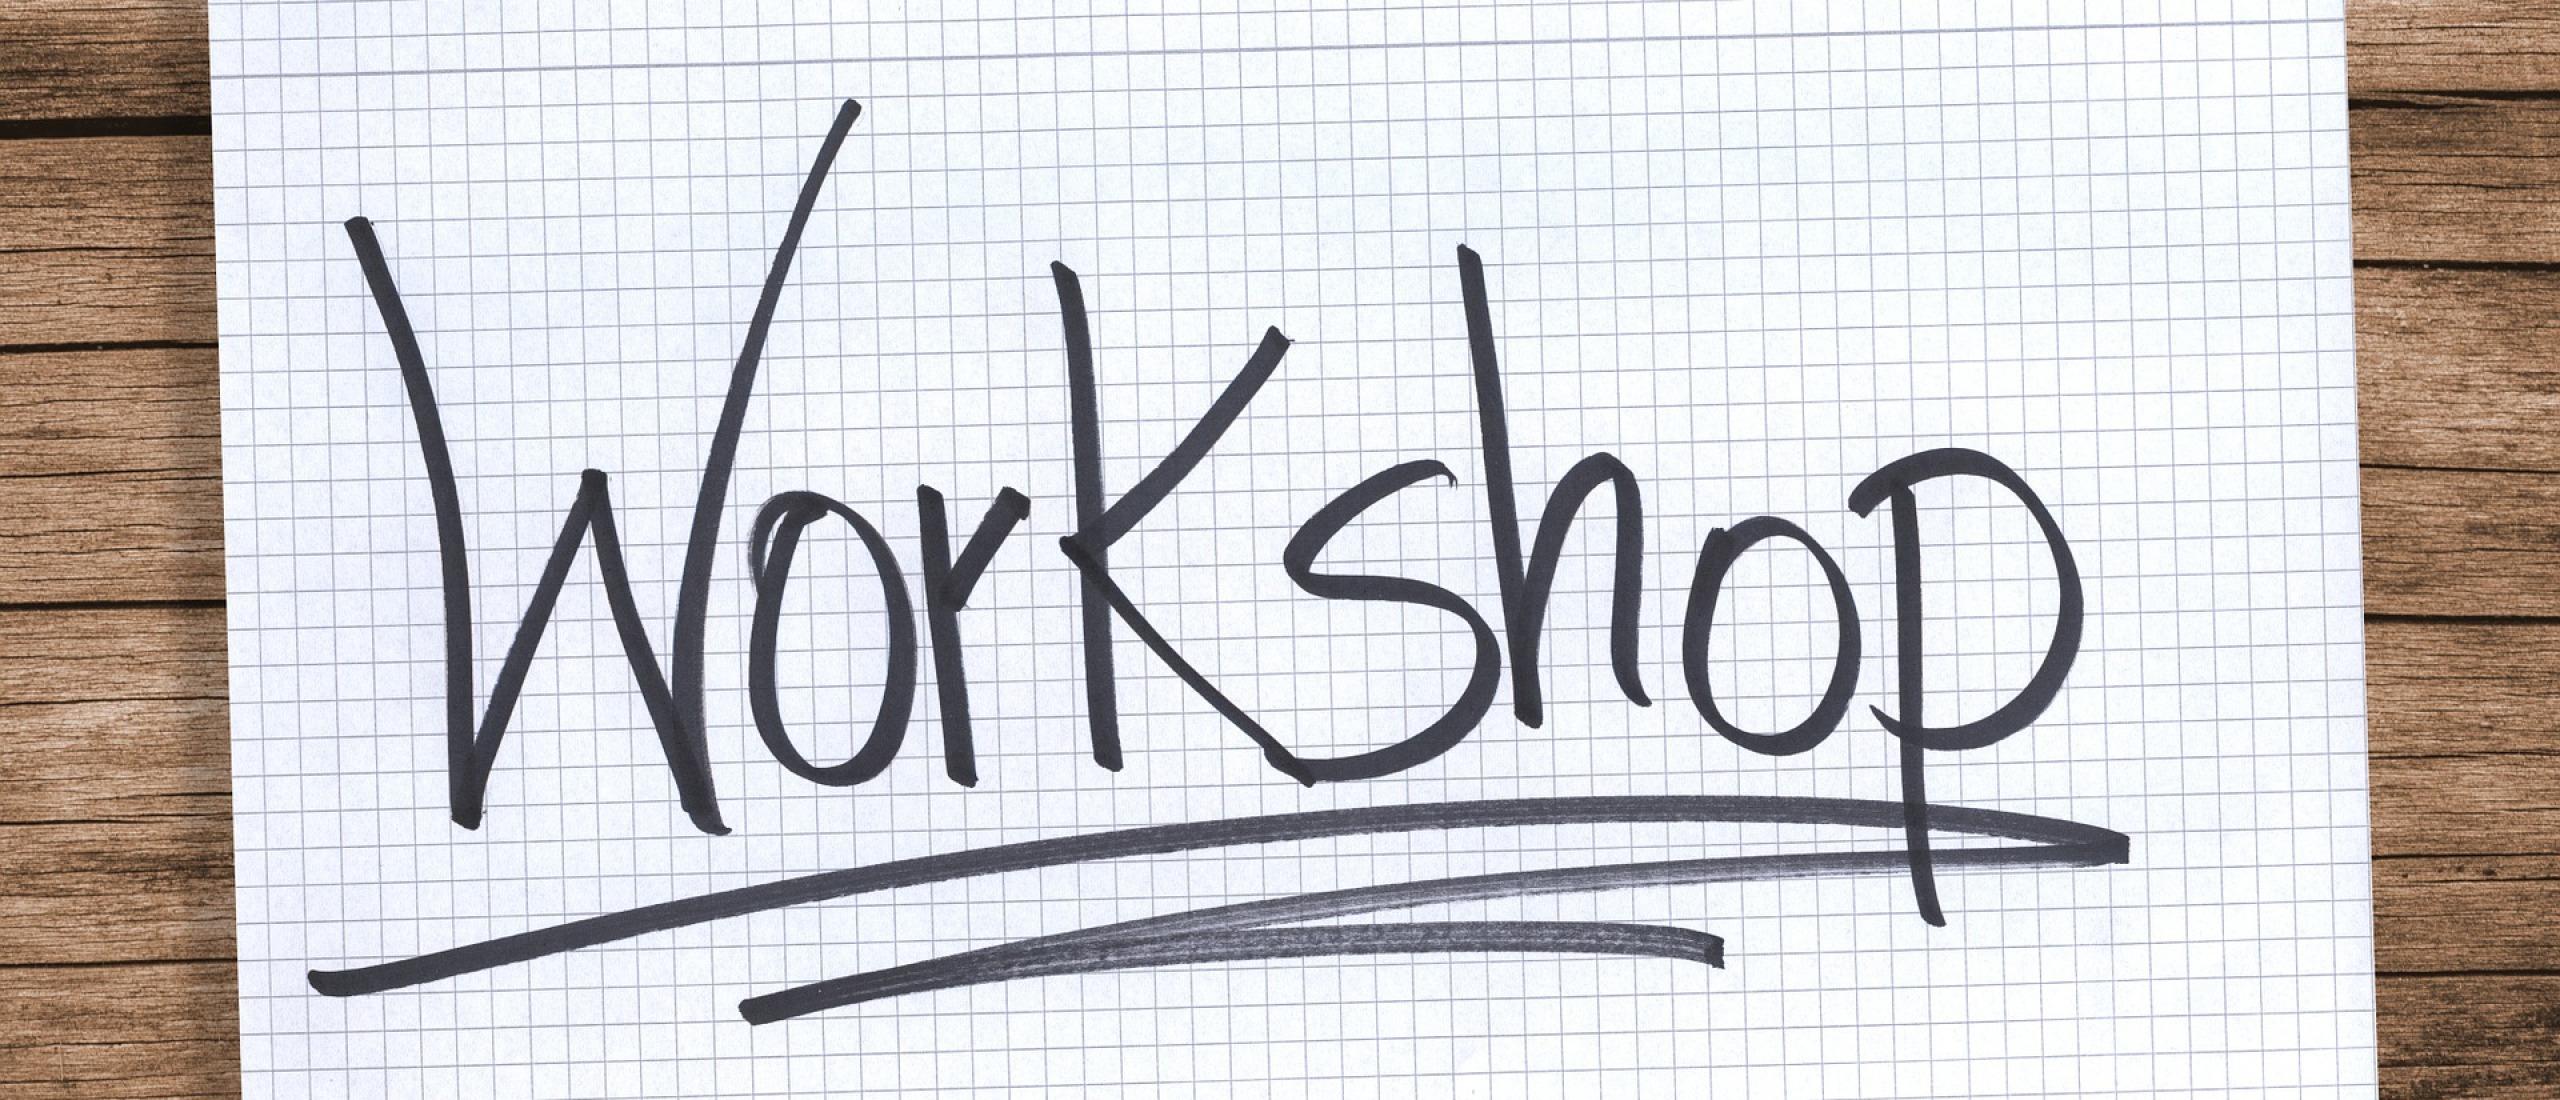 KSF Workshop Service Innovation Roadmap